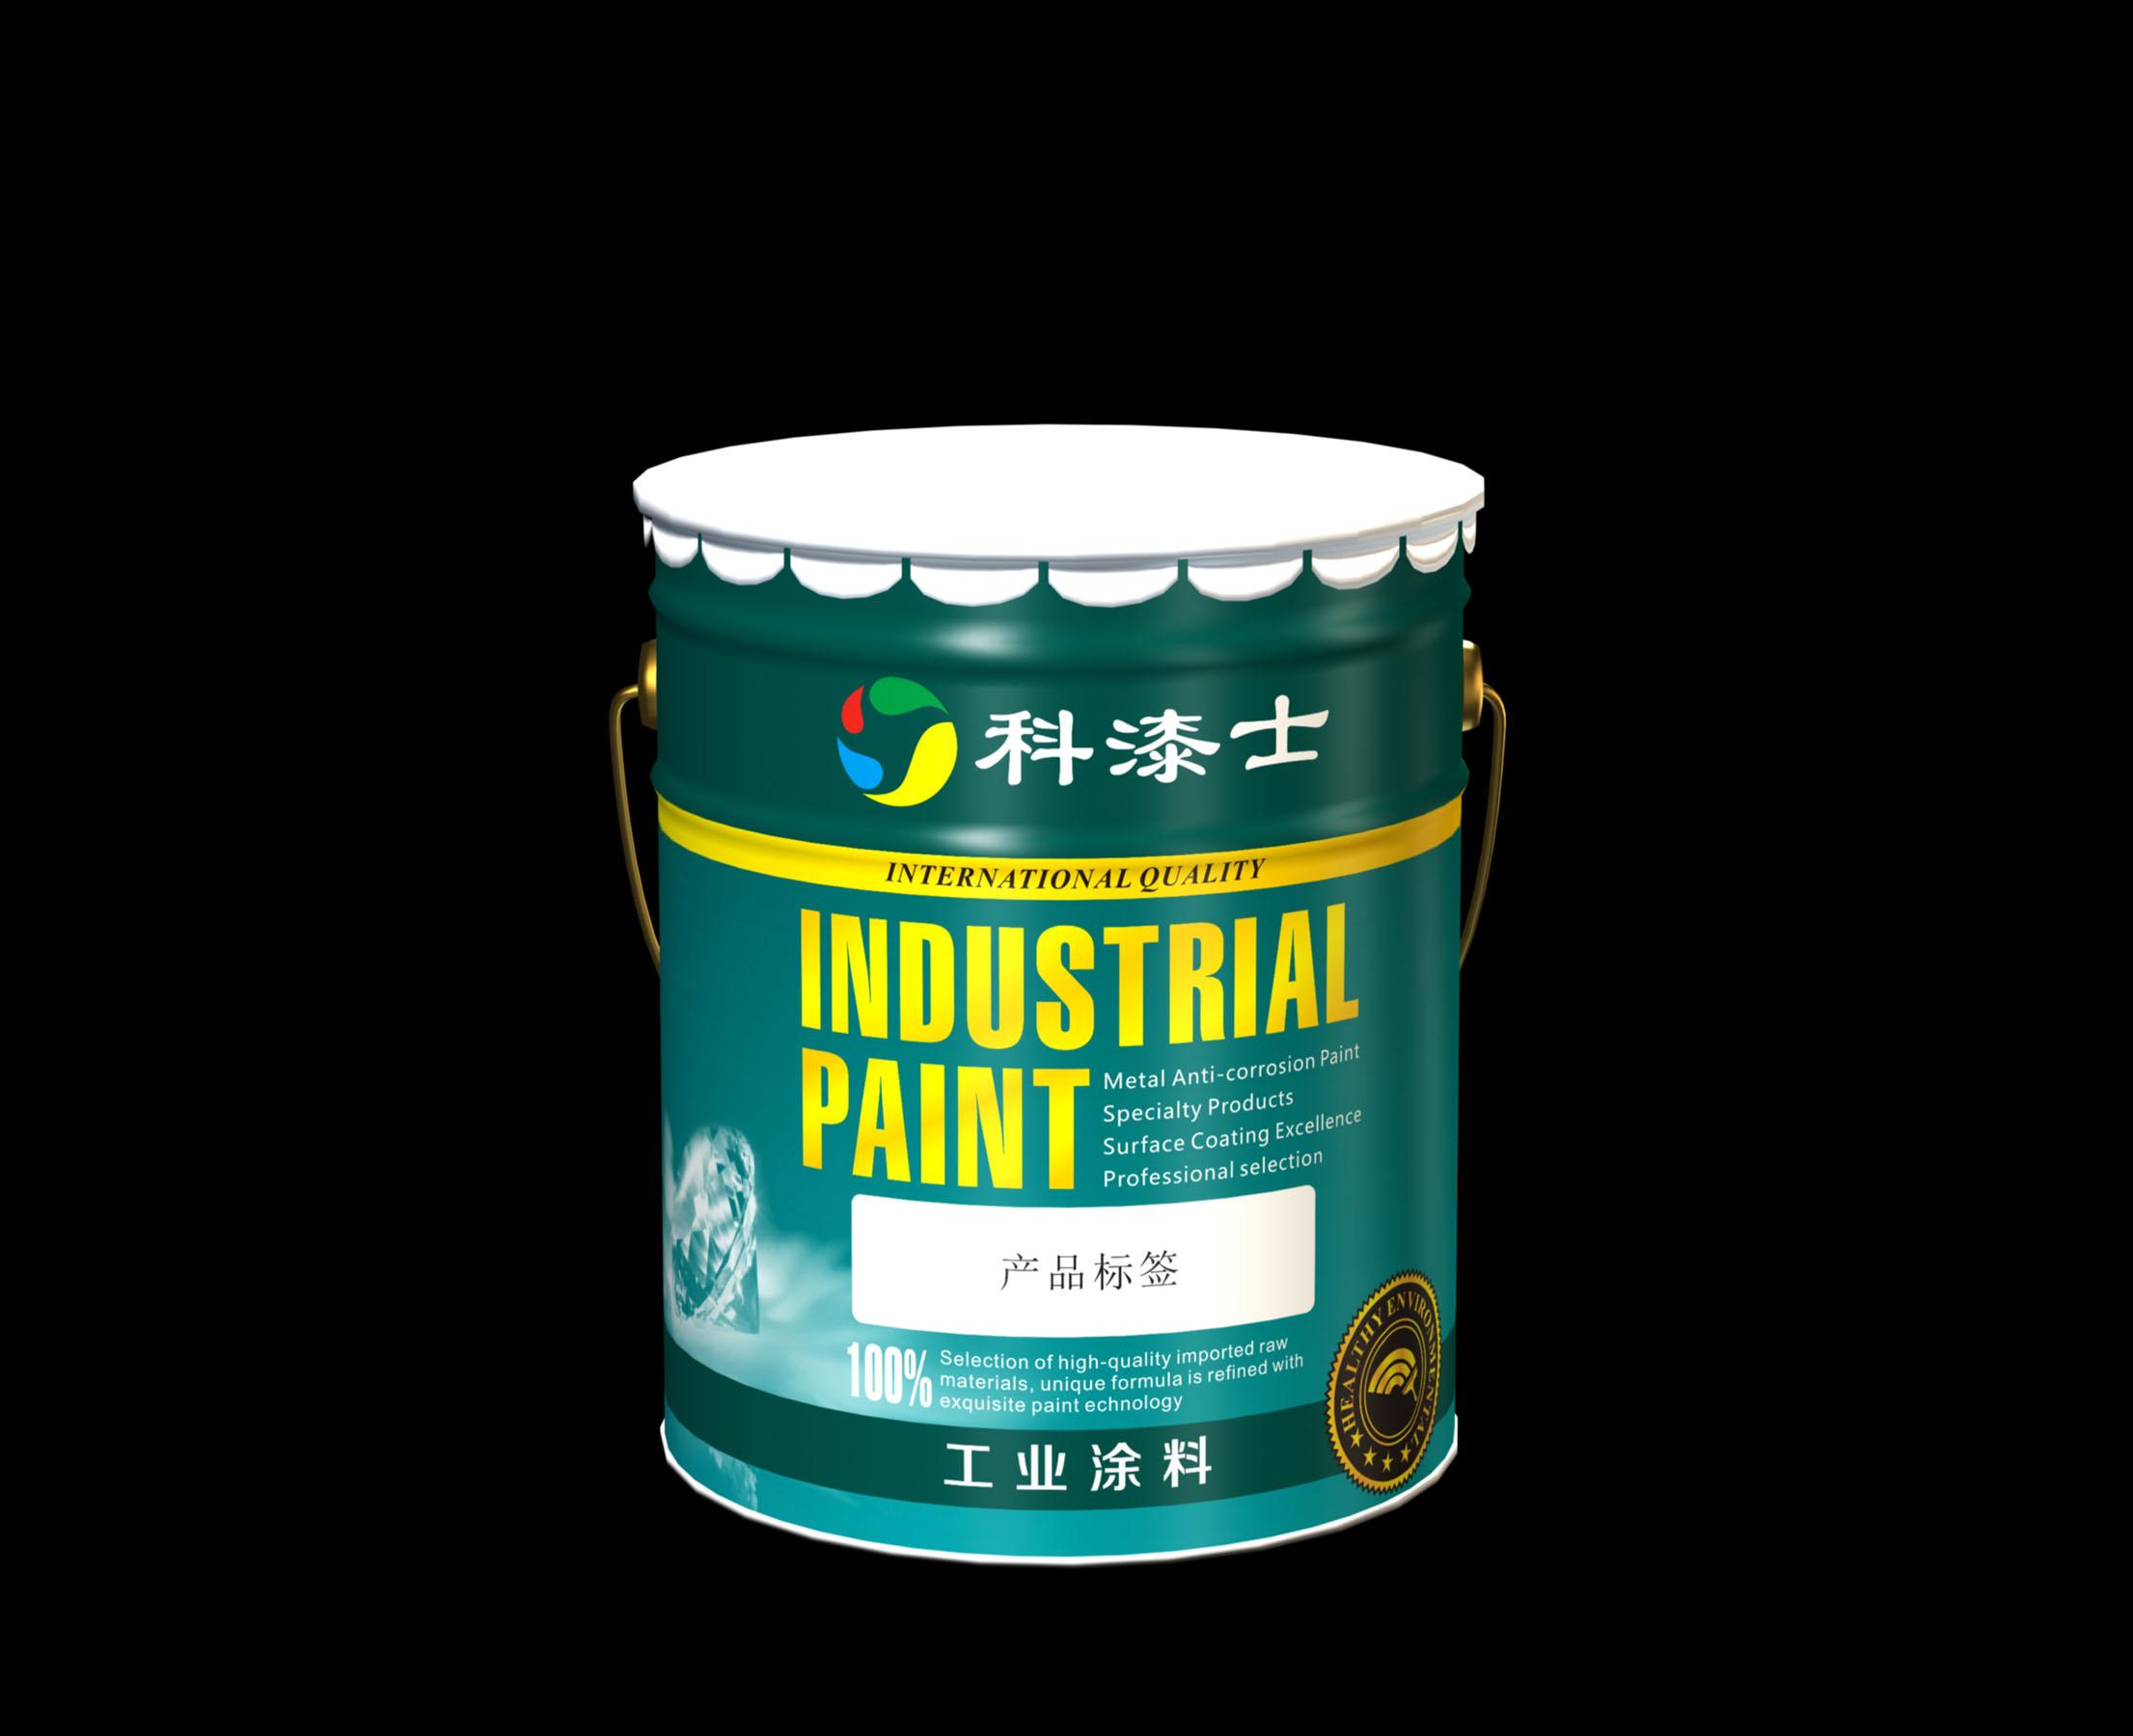 地面油漆销售_提供其他涂料